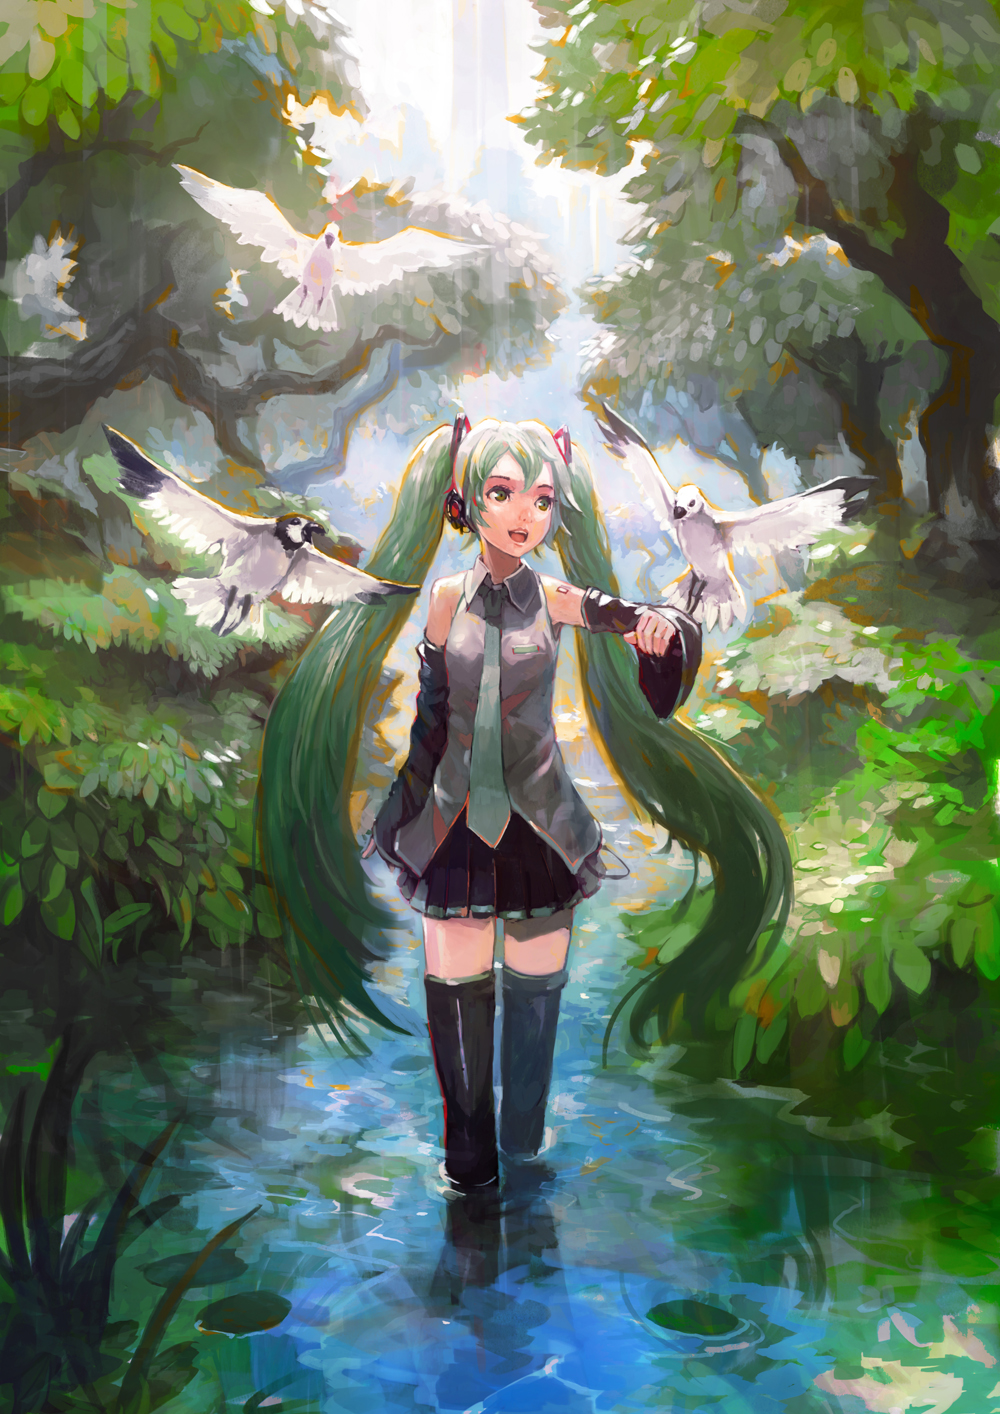 Фото Vocaloid Hatsune Miku / Вокалоид Хатсуне Мику в воде ...